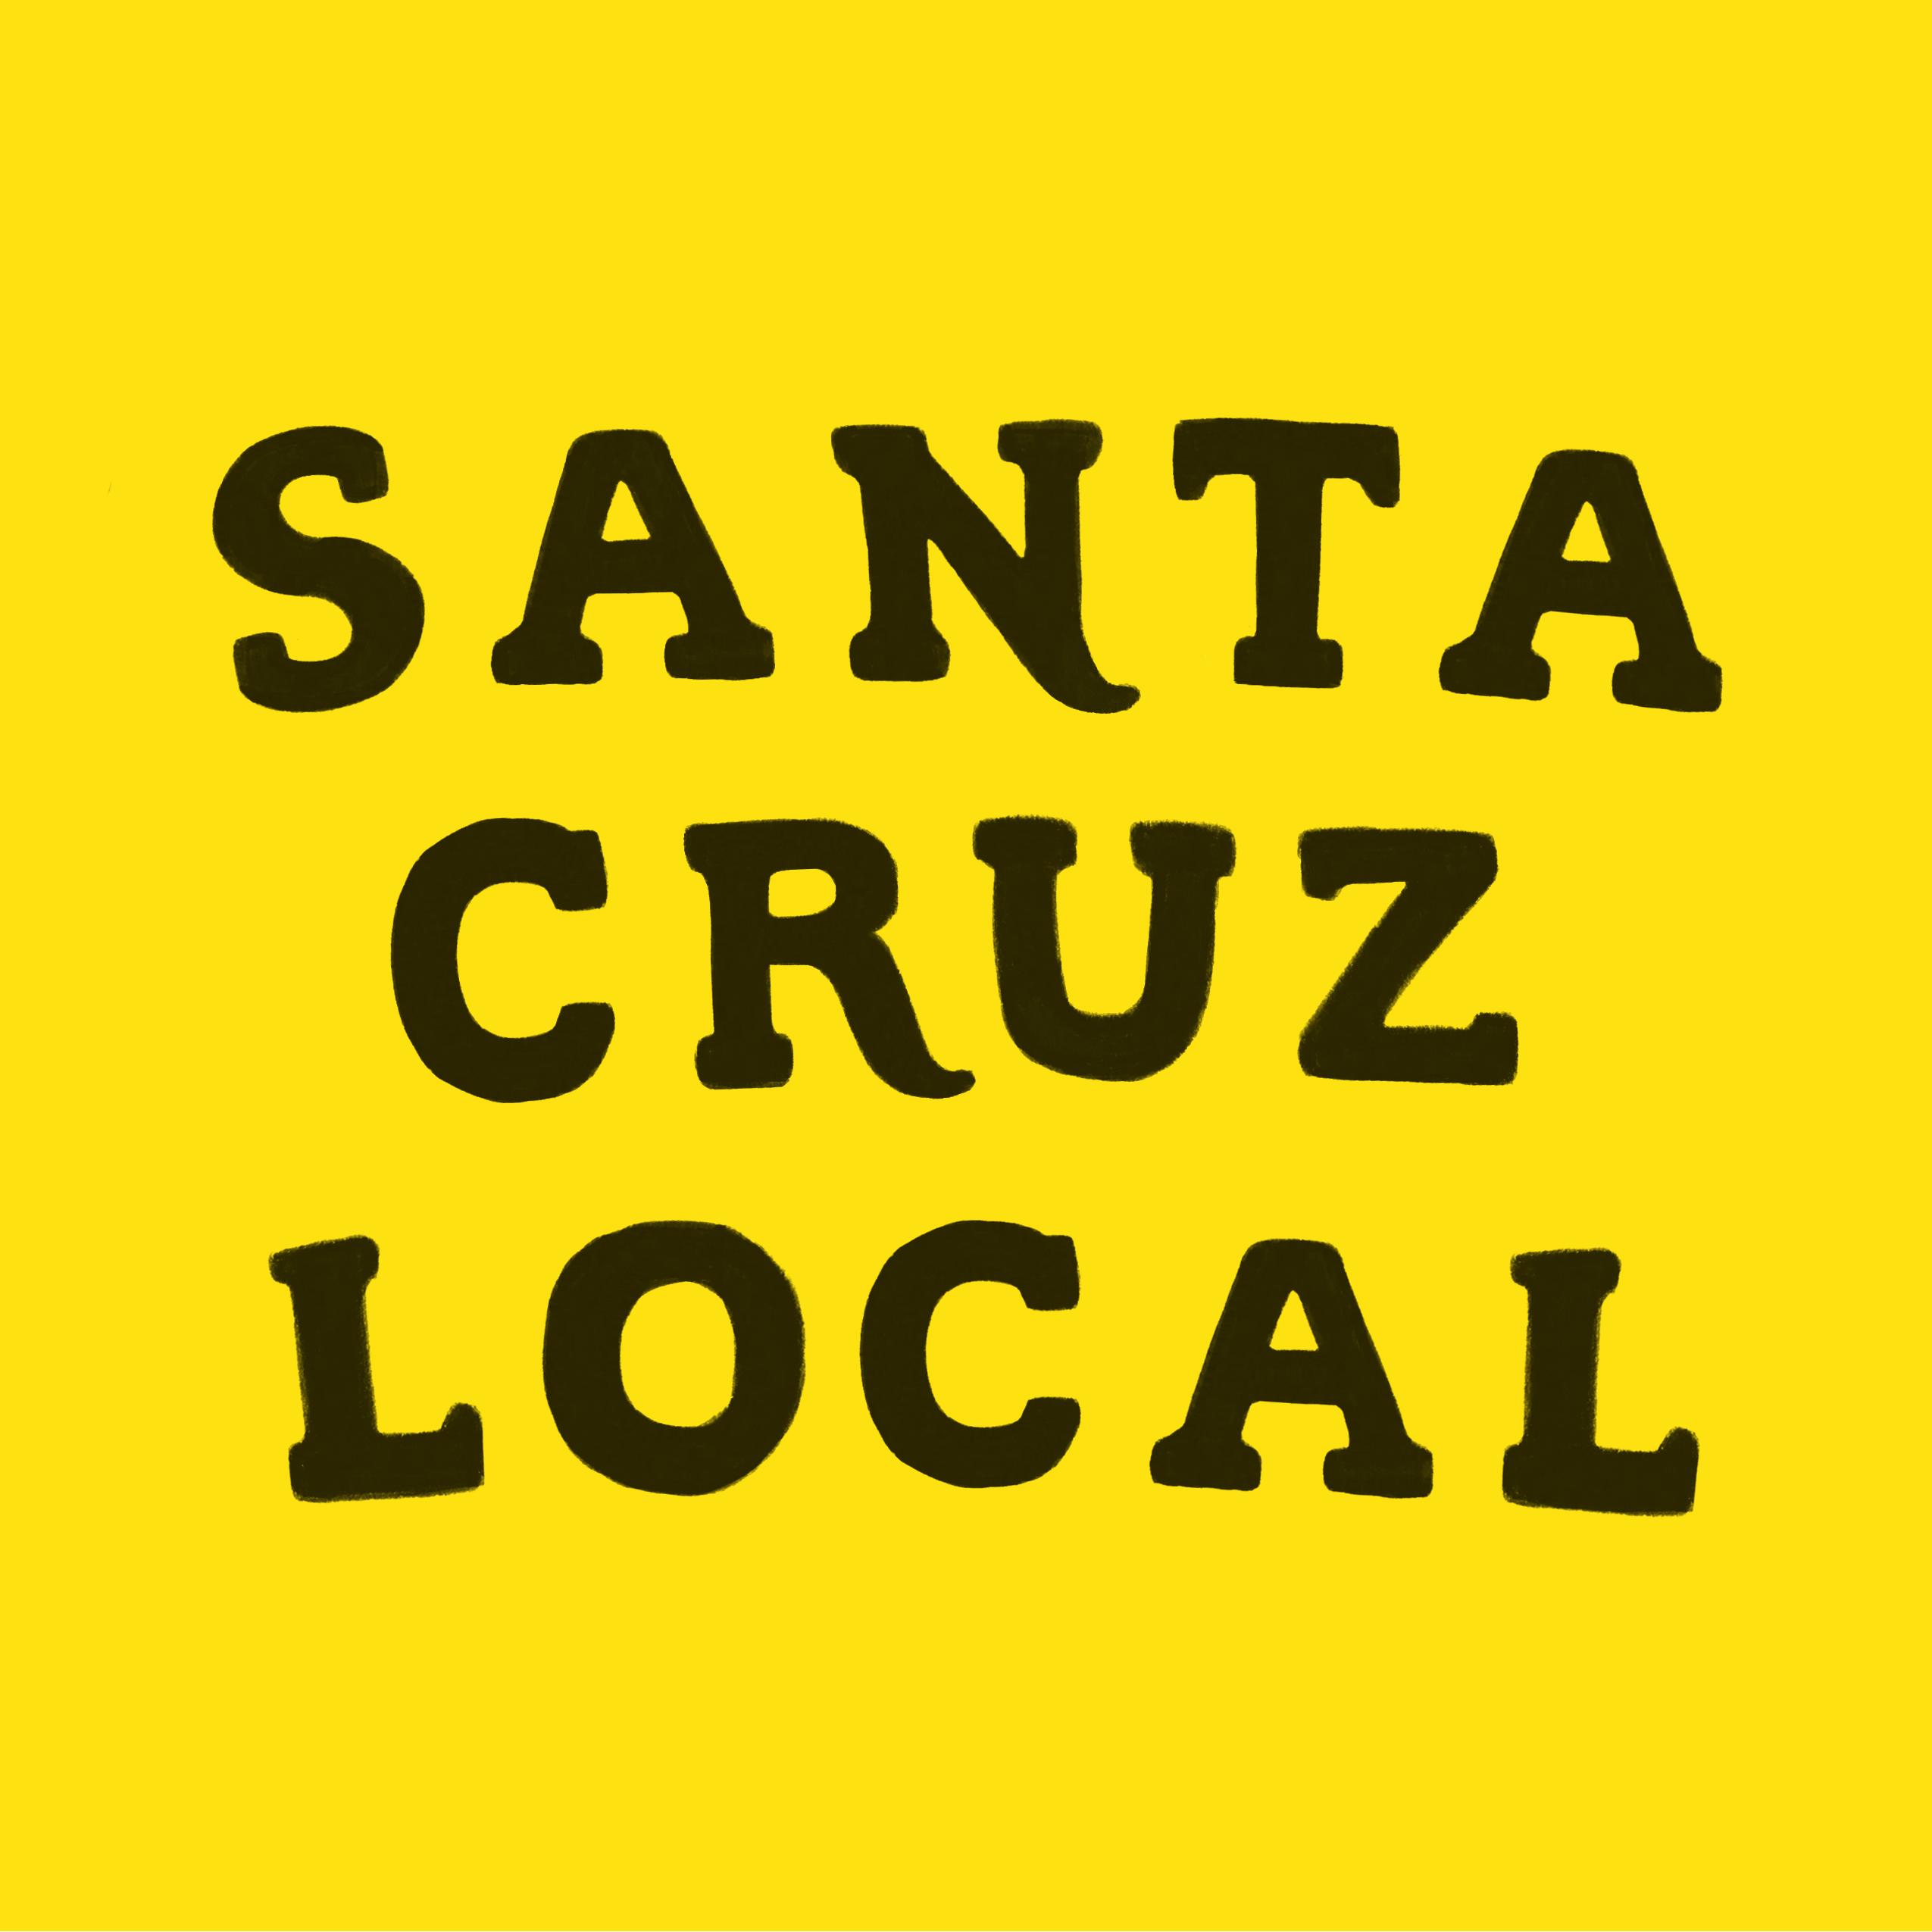 Santa Cruz Local logo for Stripe